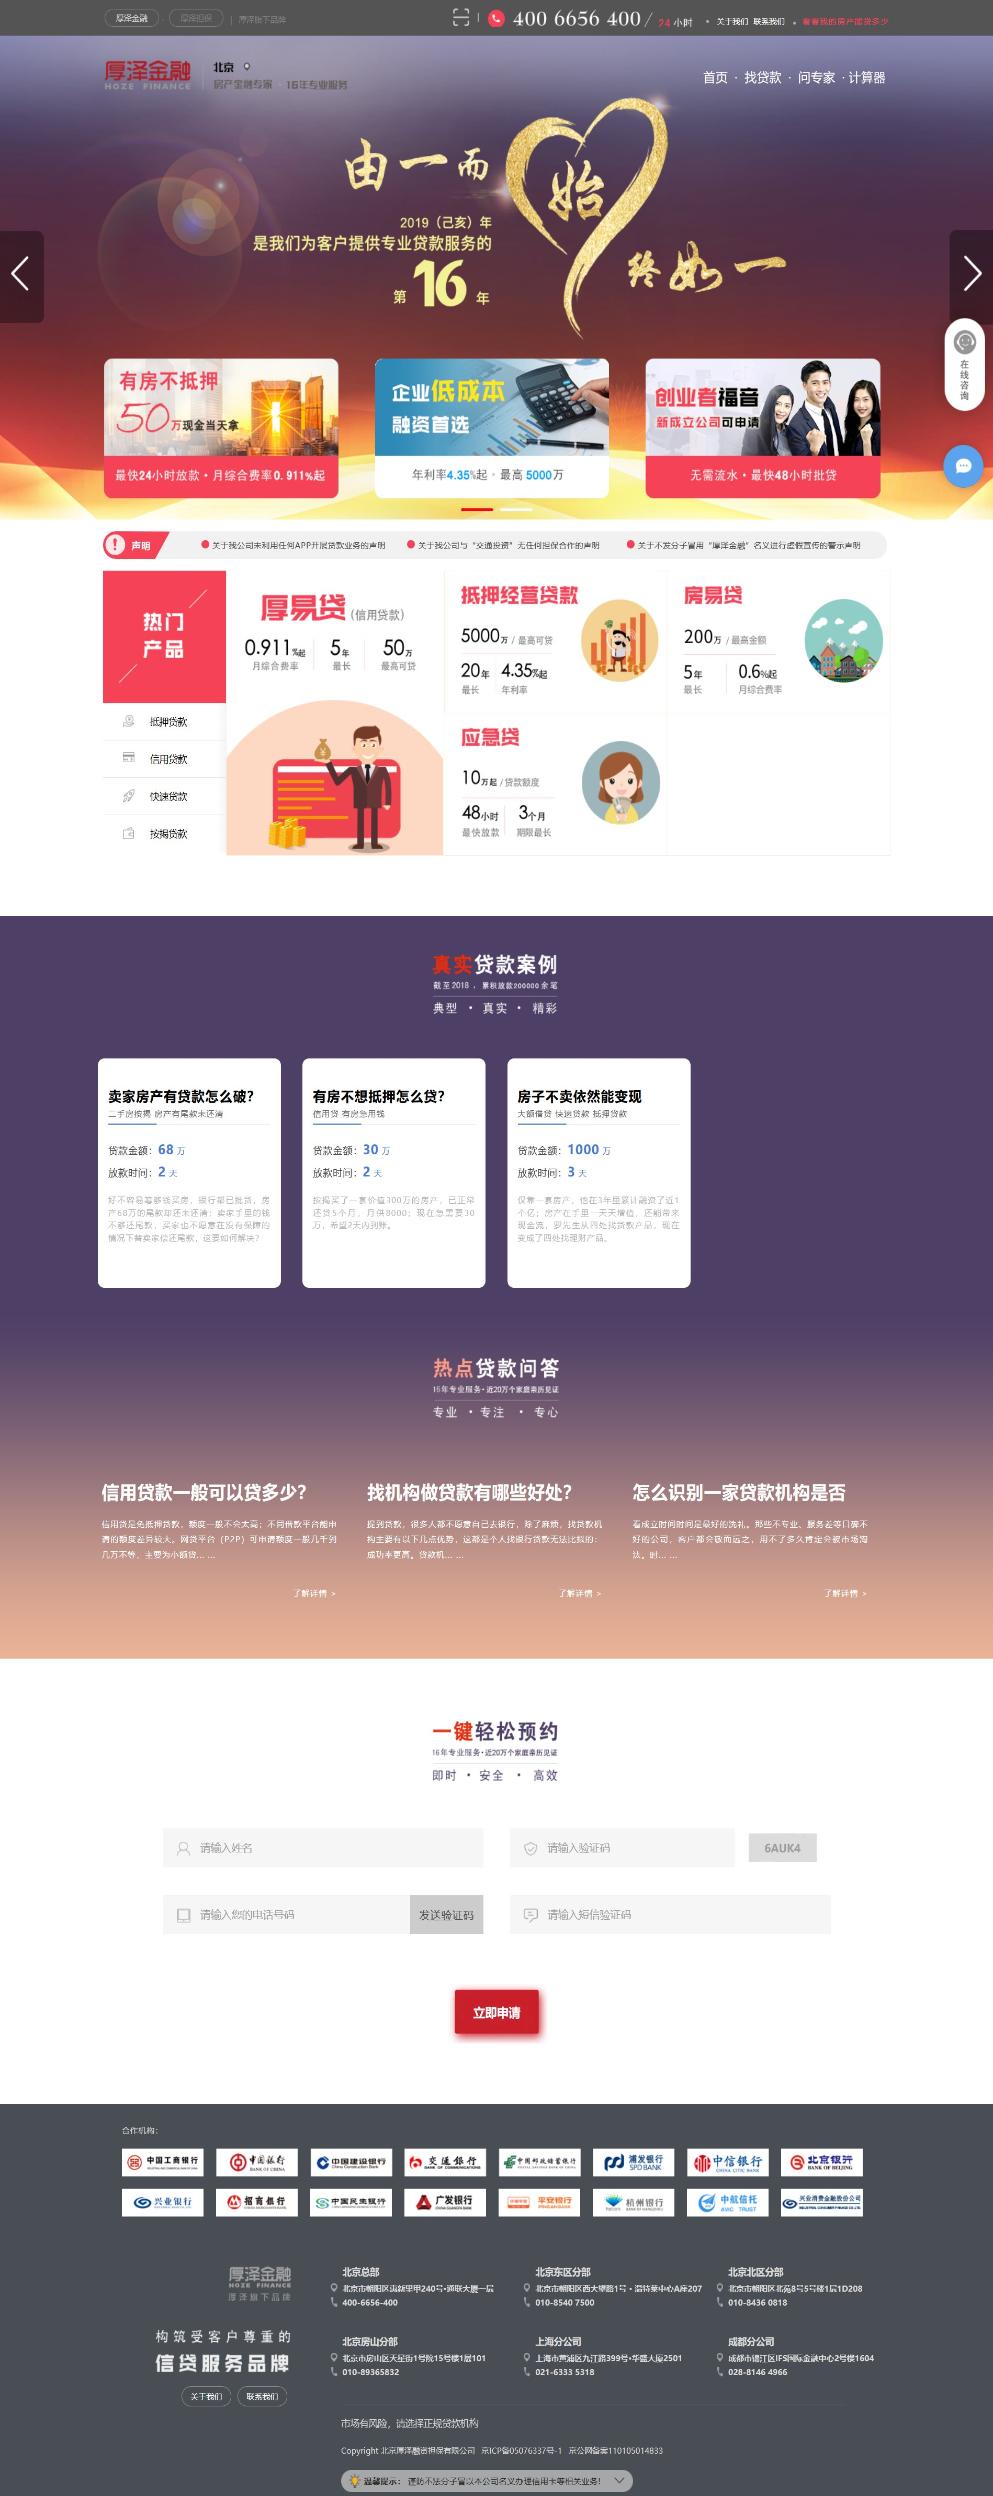 火狐截图_2019-11-13T15-54-14.840Z